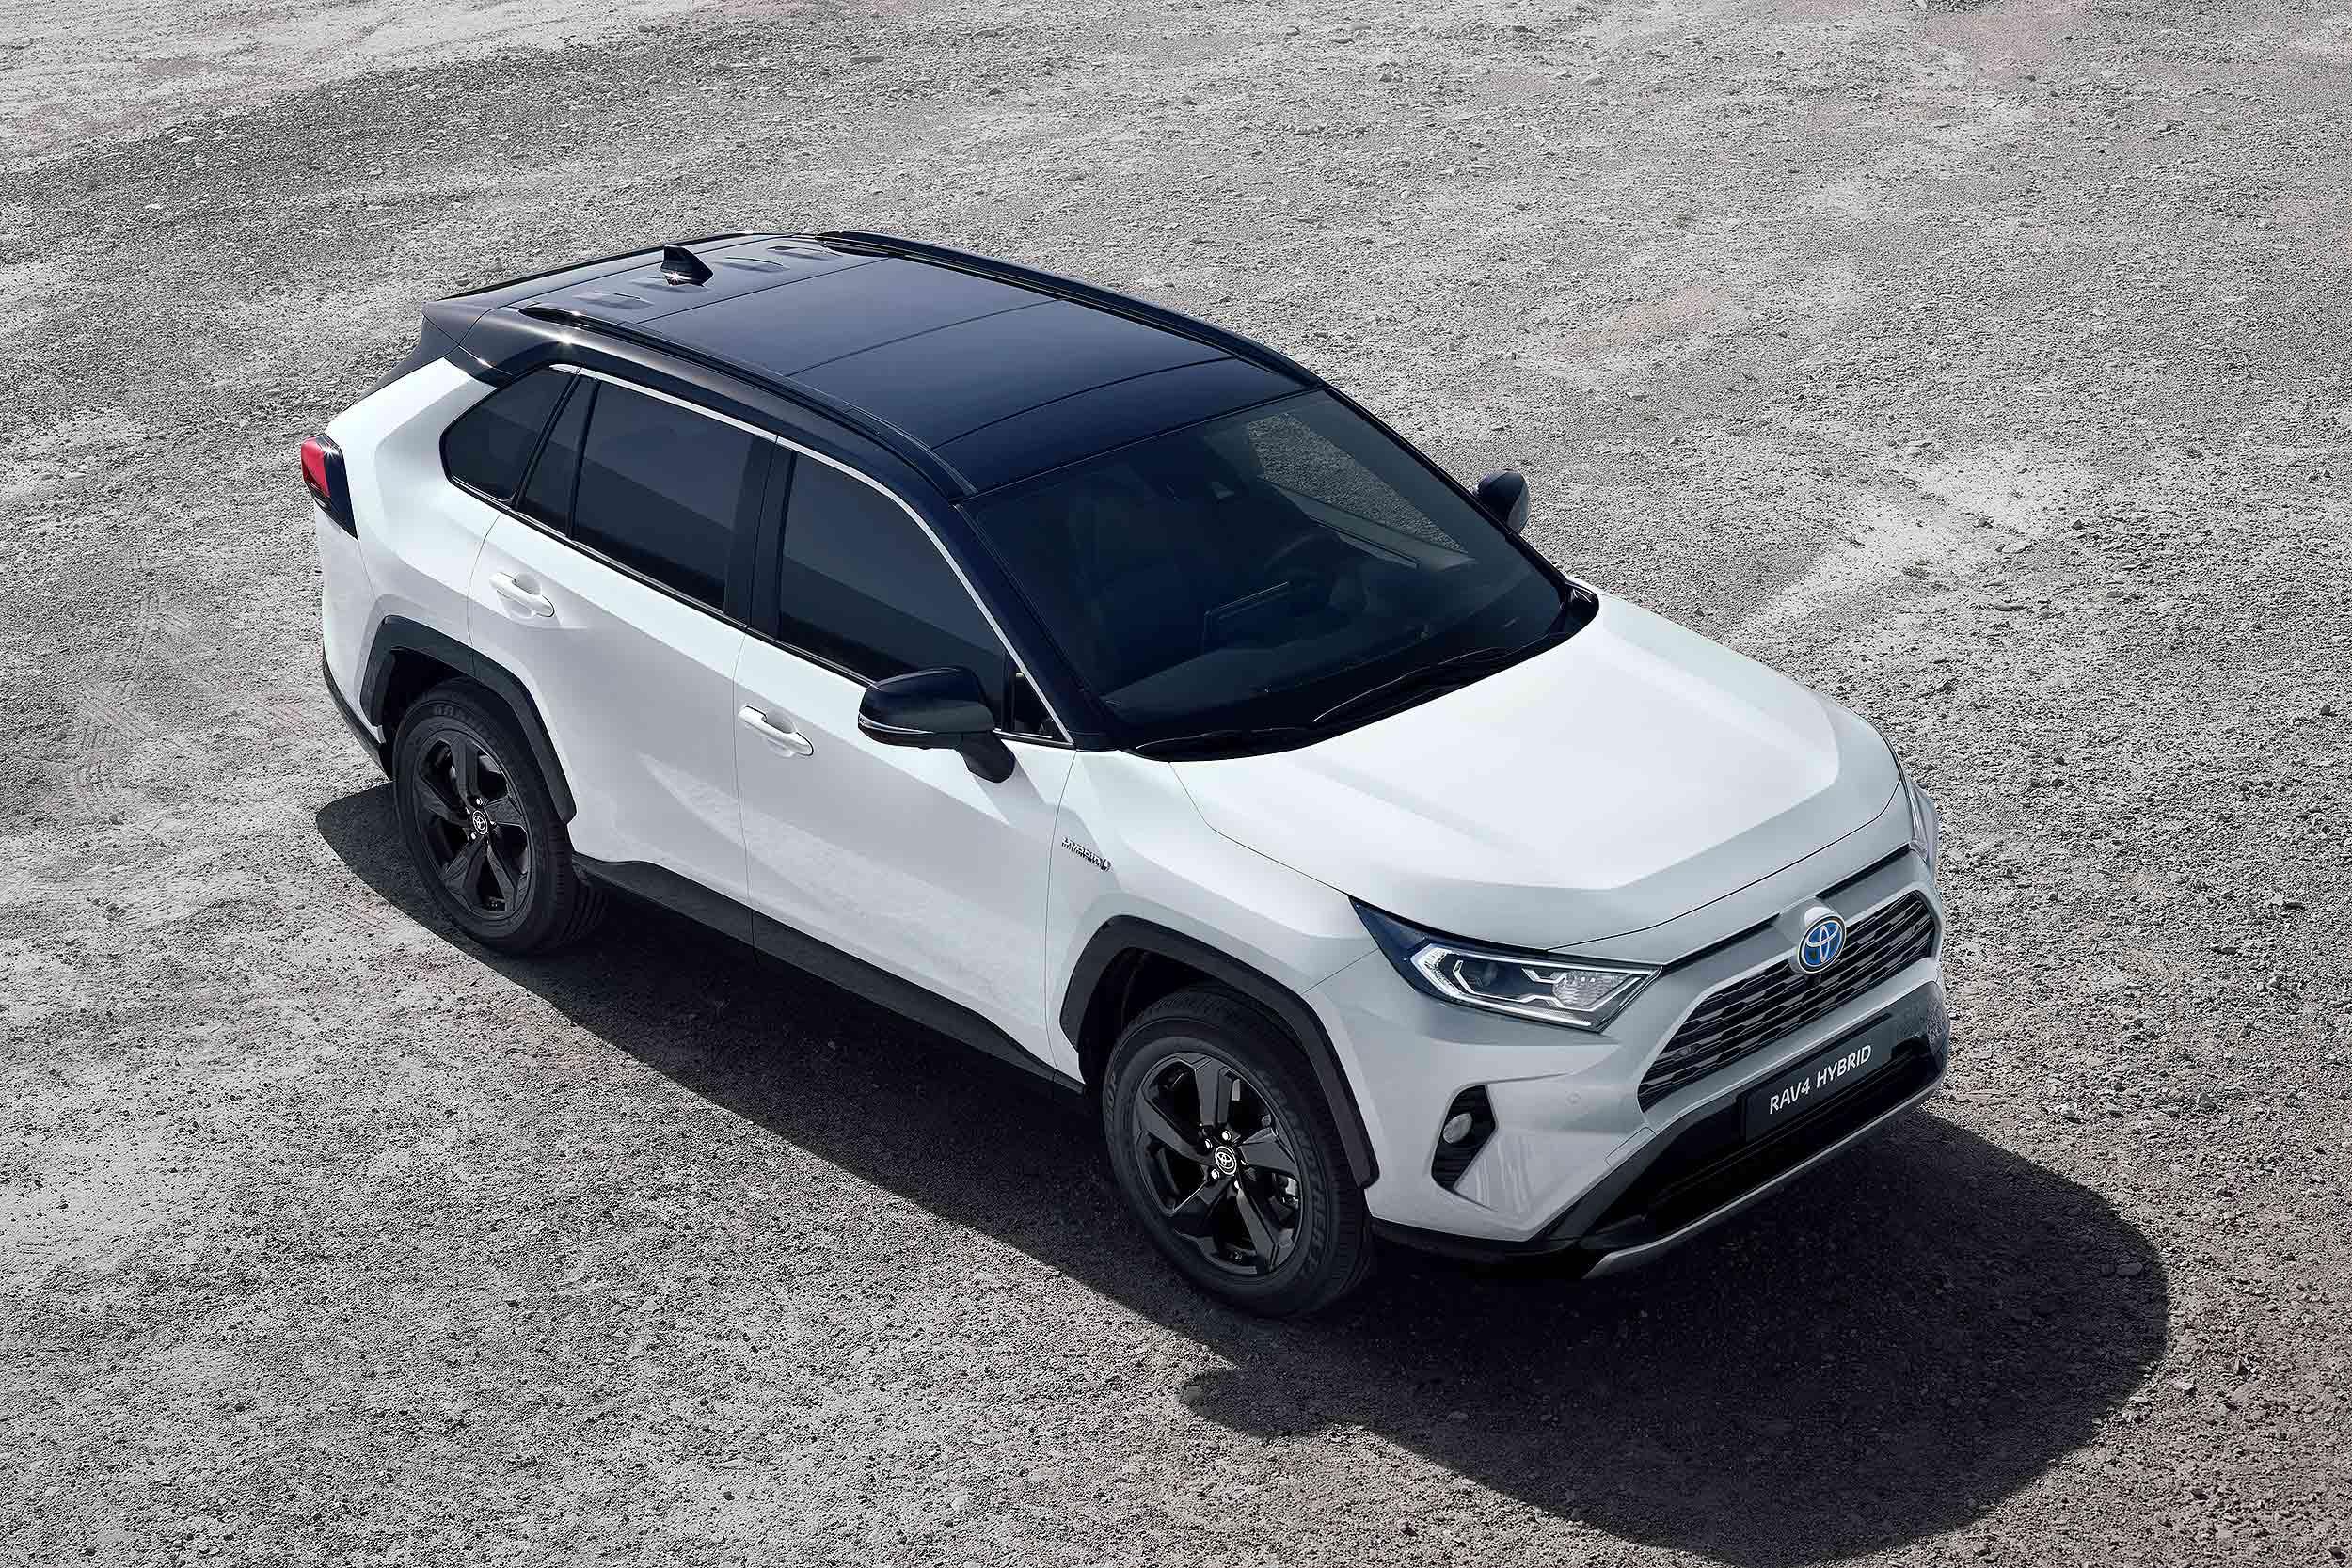 87 New 2019 Toyota Rav4 Hybrid Specs History with 2019 Toyota Rav4 Hybrid Specs